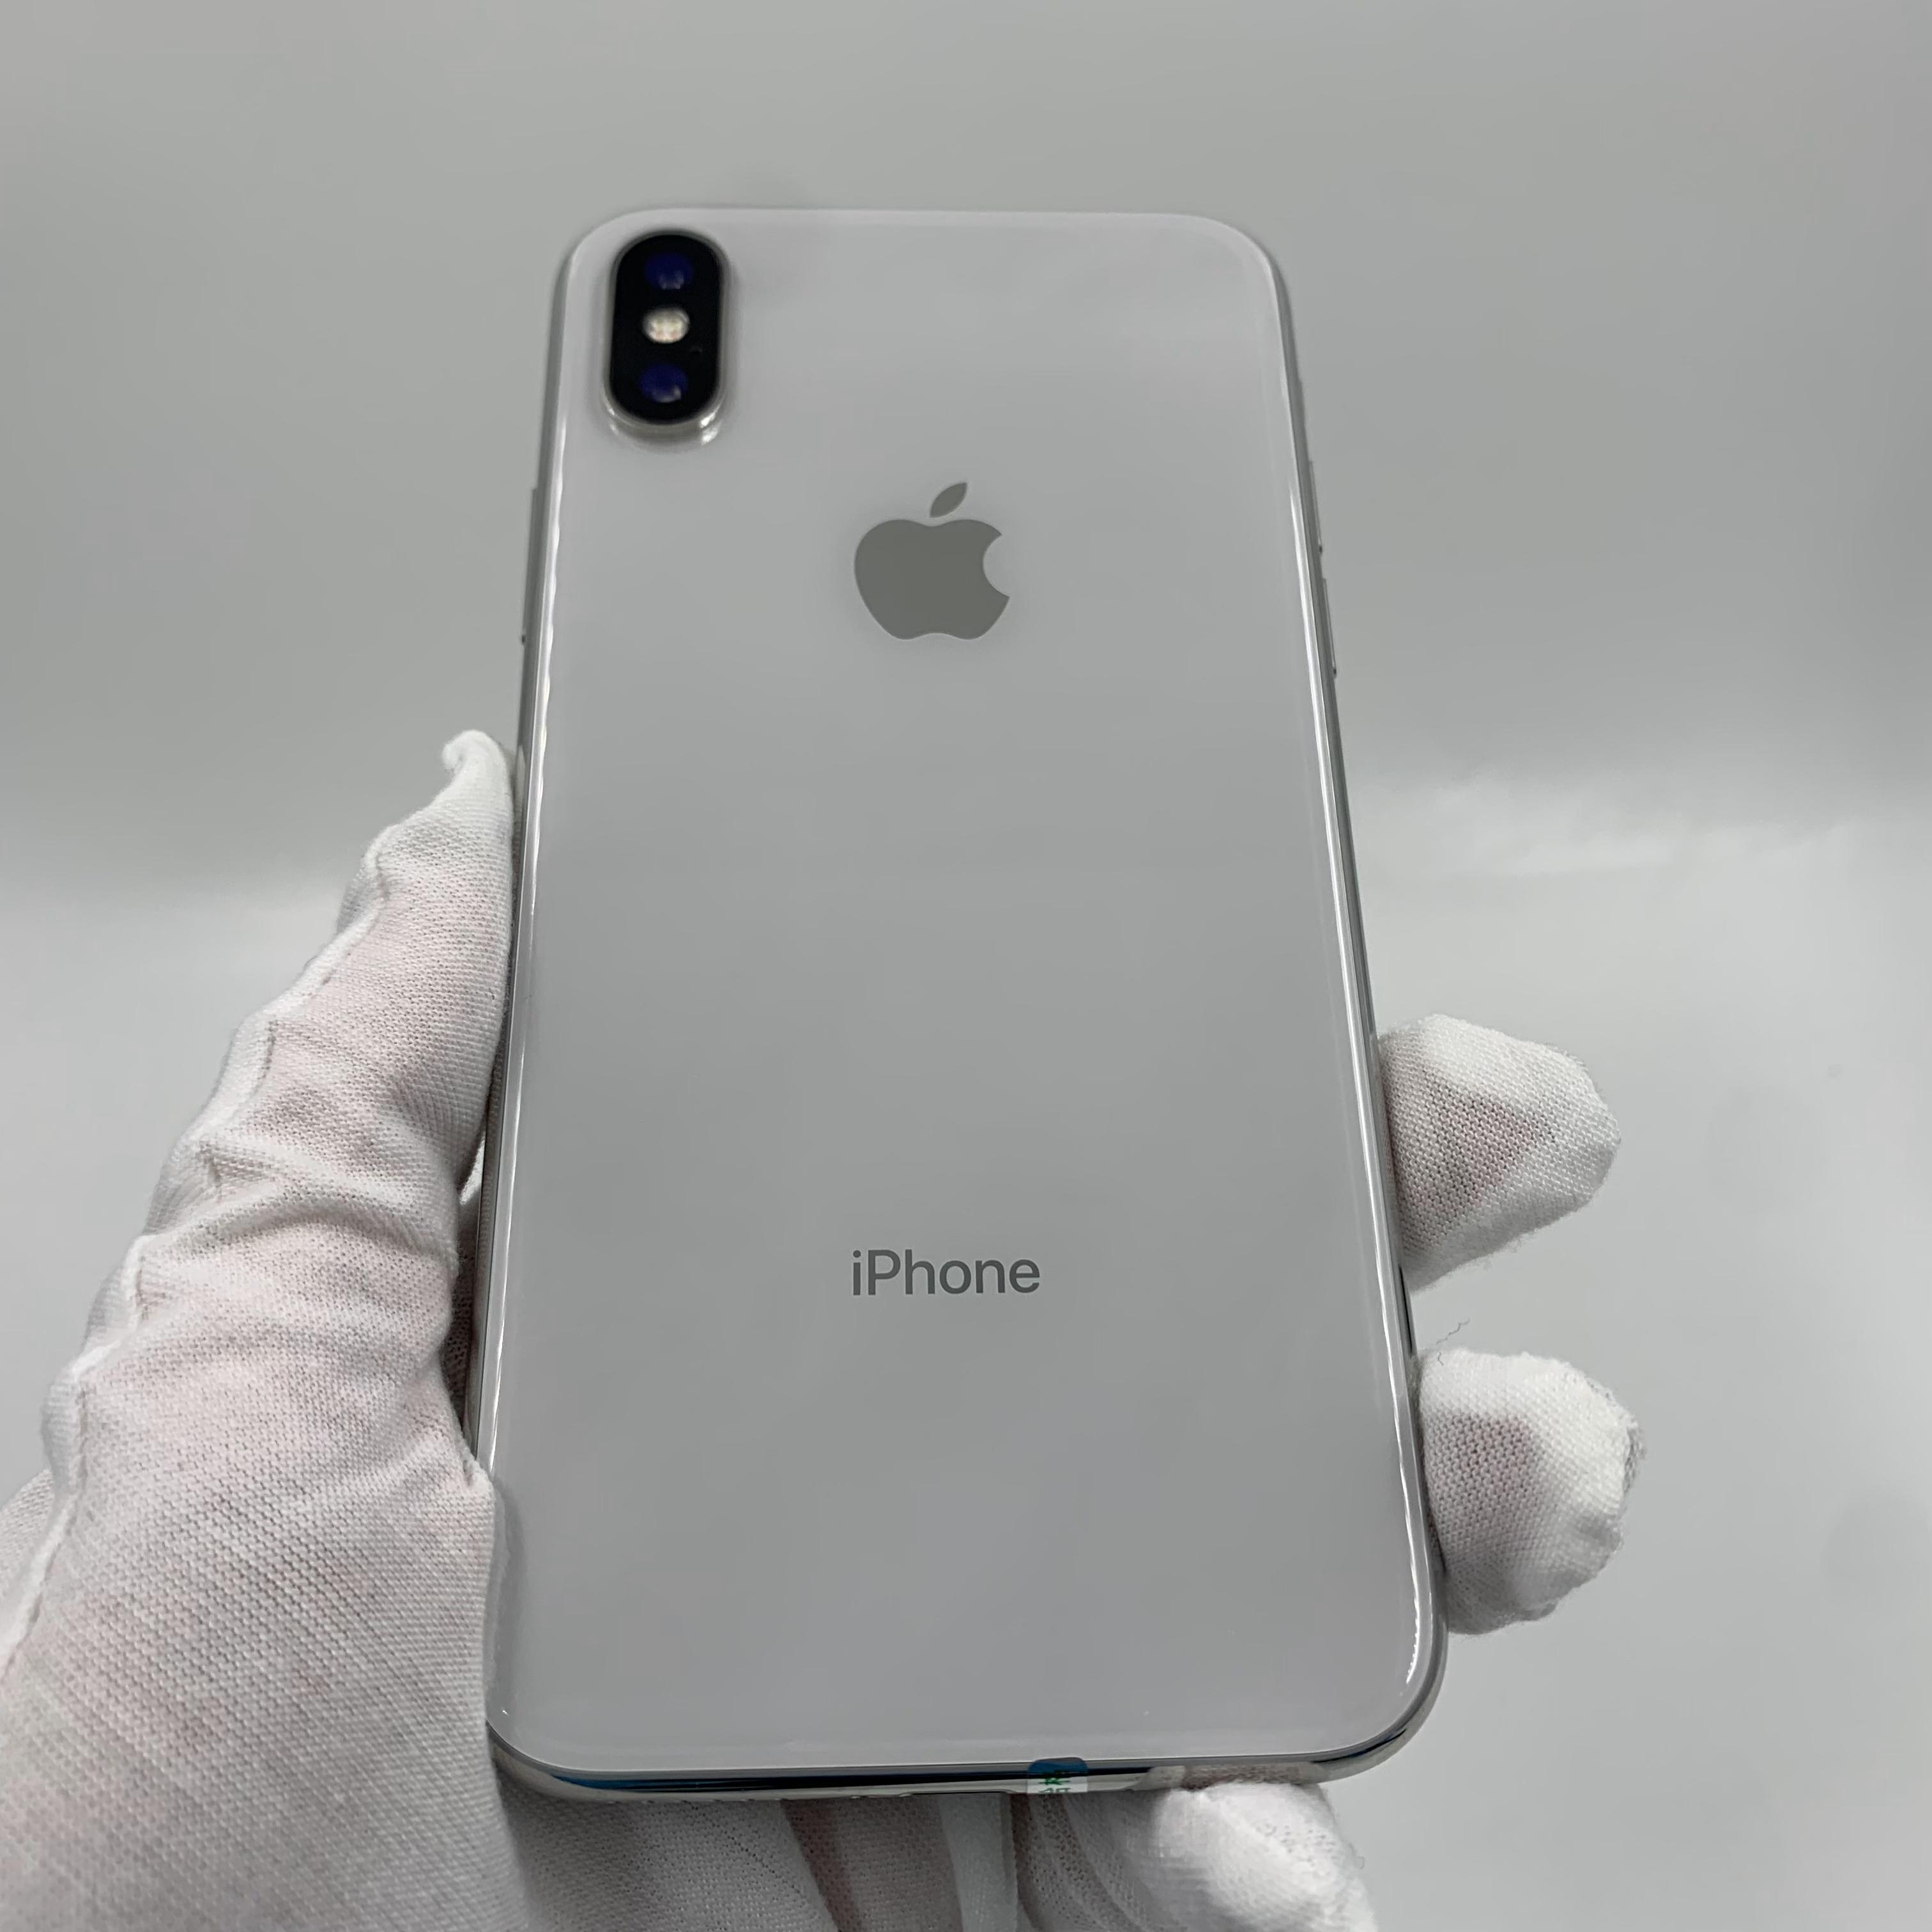 苹果【iPhone X】4G全网通 银色 64G 国行 95新 真机实拍